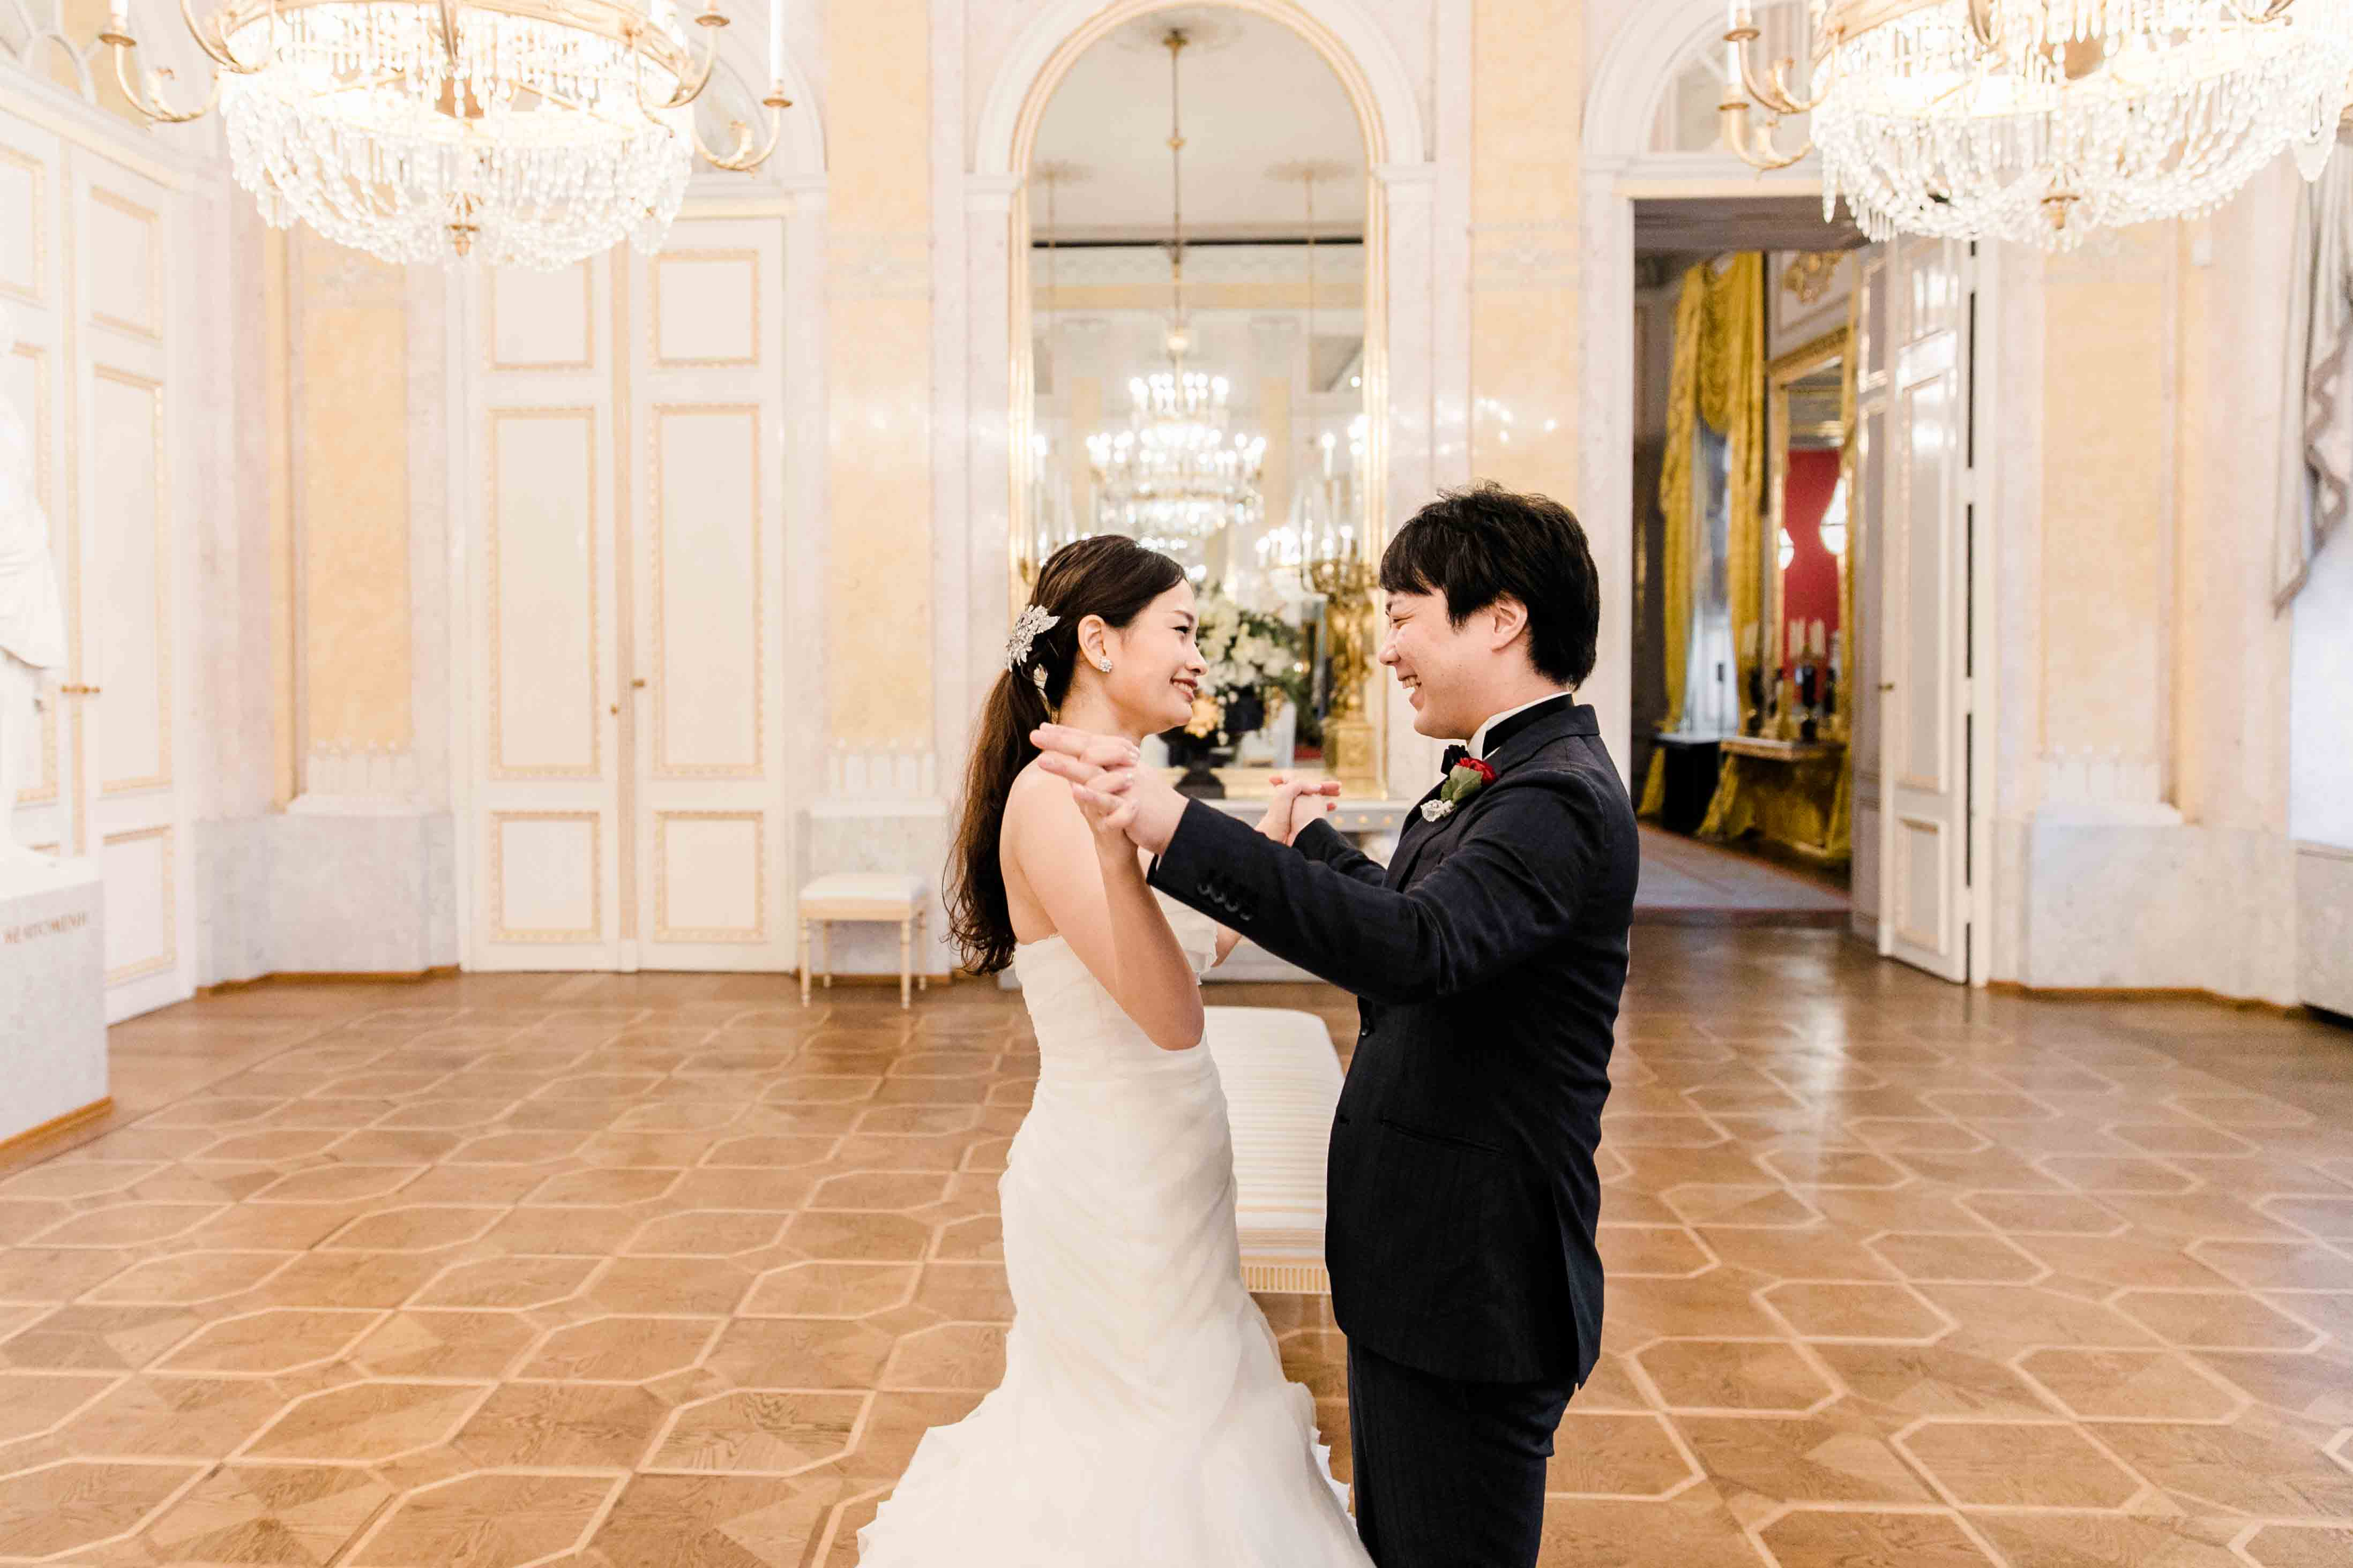 Prinzessinnen Boho Hochzeit Albertina heiraten Wien Hochzeitsfotograf Hochzeit in der Albertina